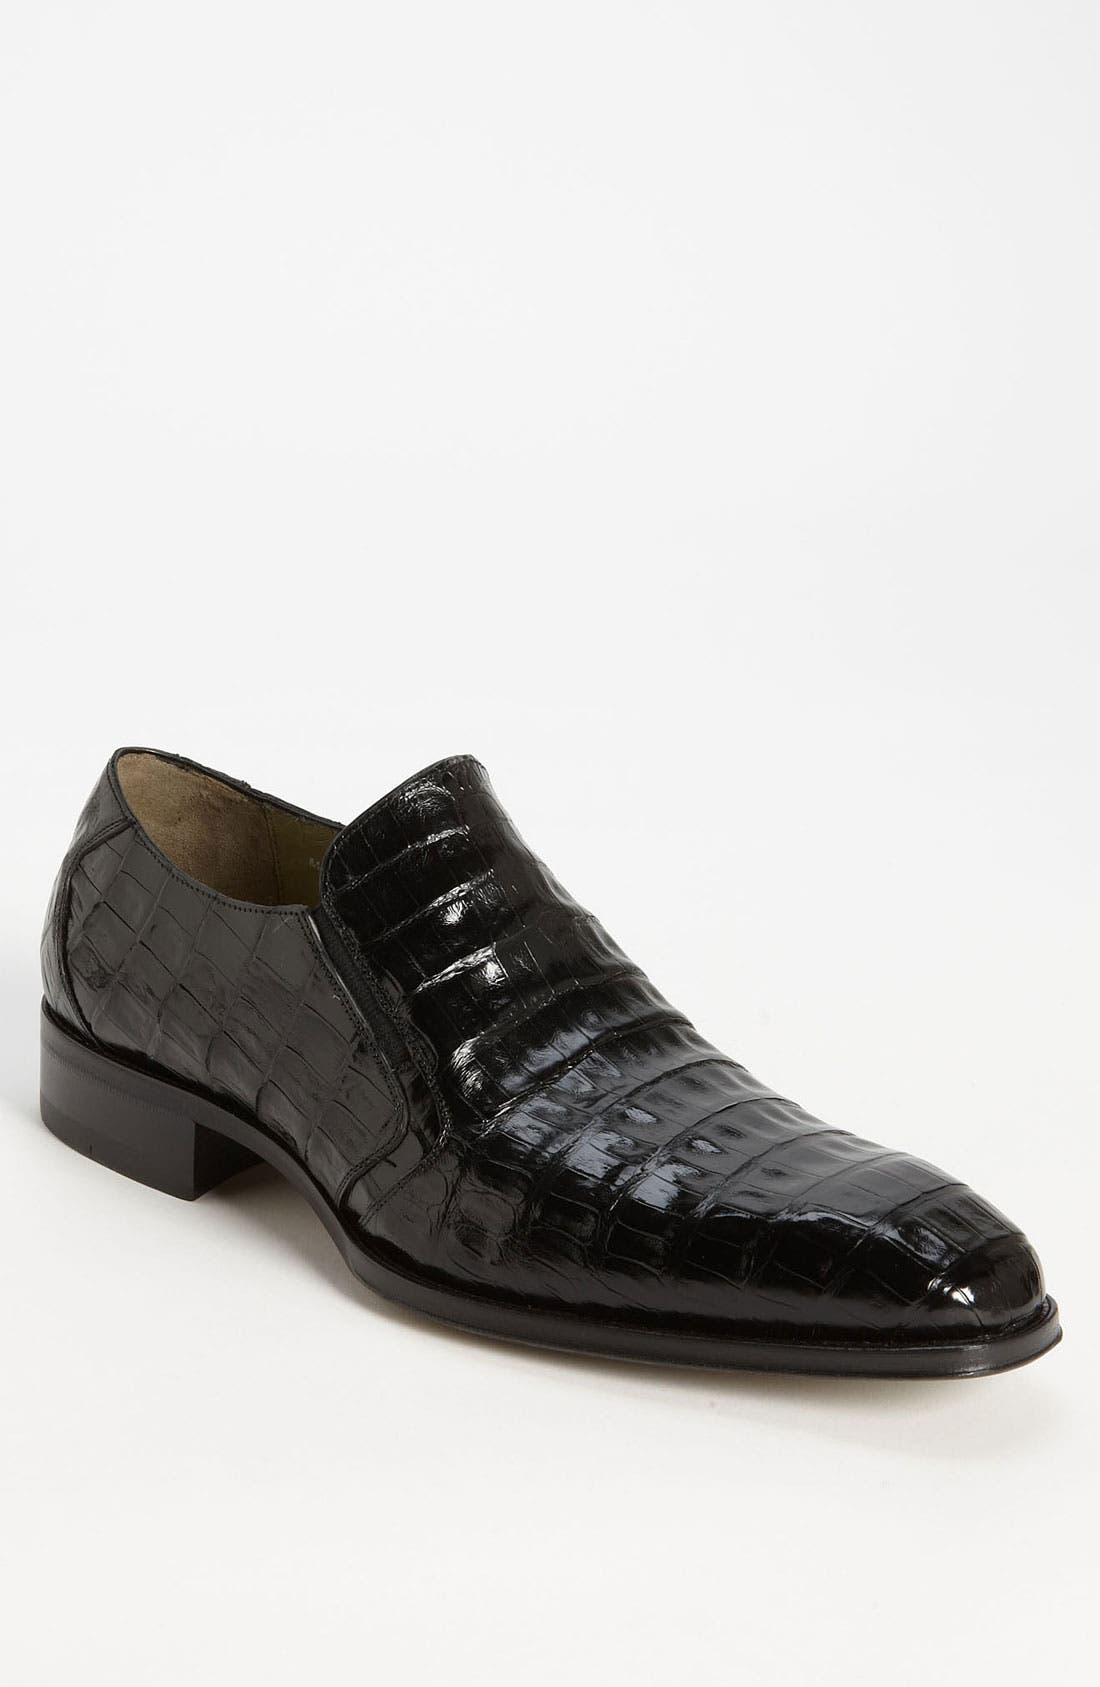 'Fiorello' Crocodile Loafer,                             Main thumbnail 1, color,                             BLACK